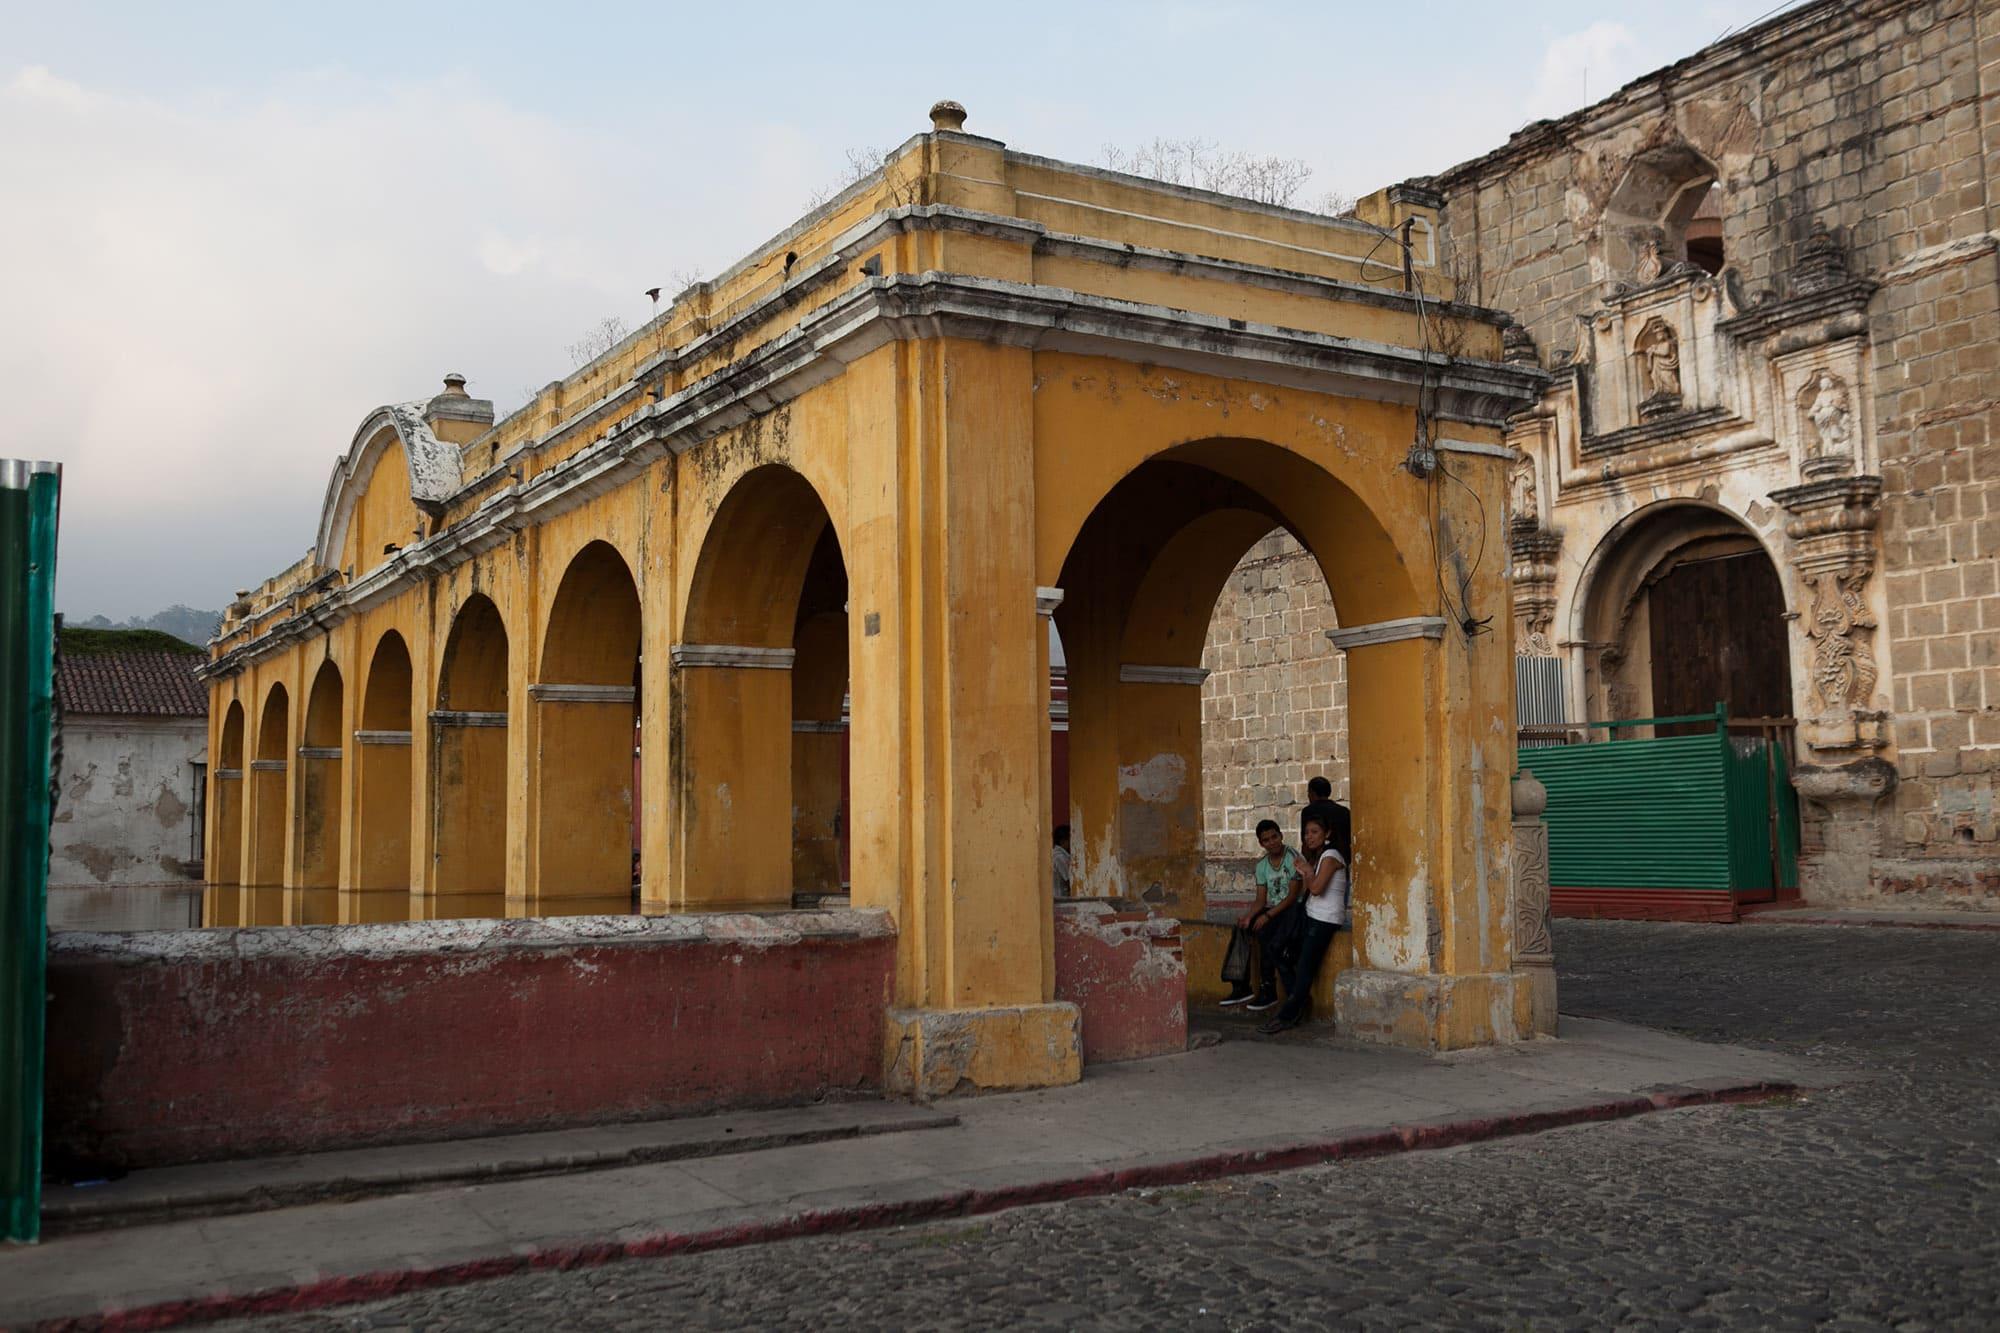 Tanque de la Union in Antigua, Guatemala.